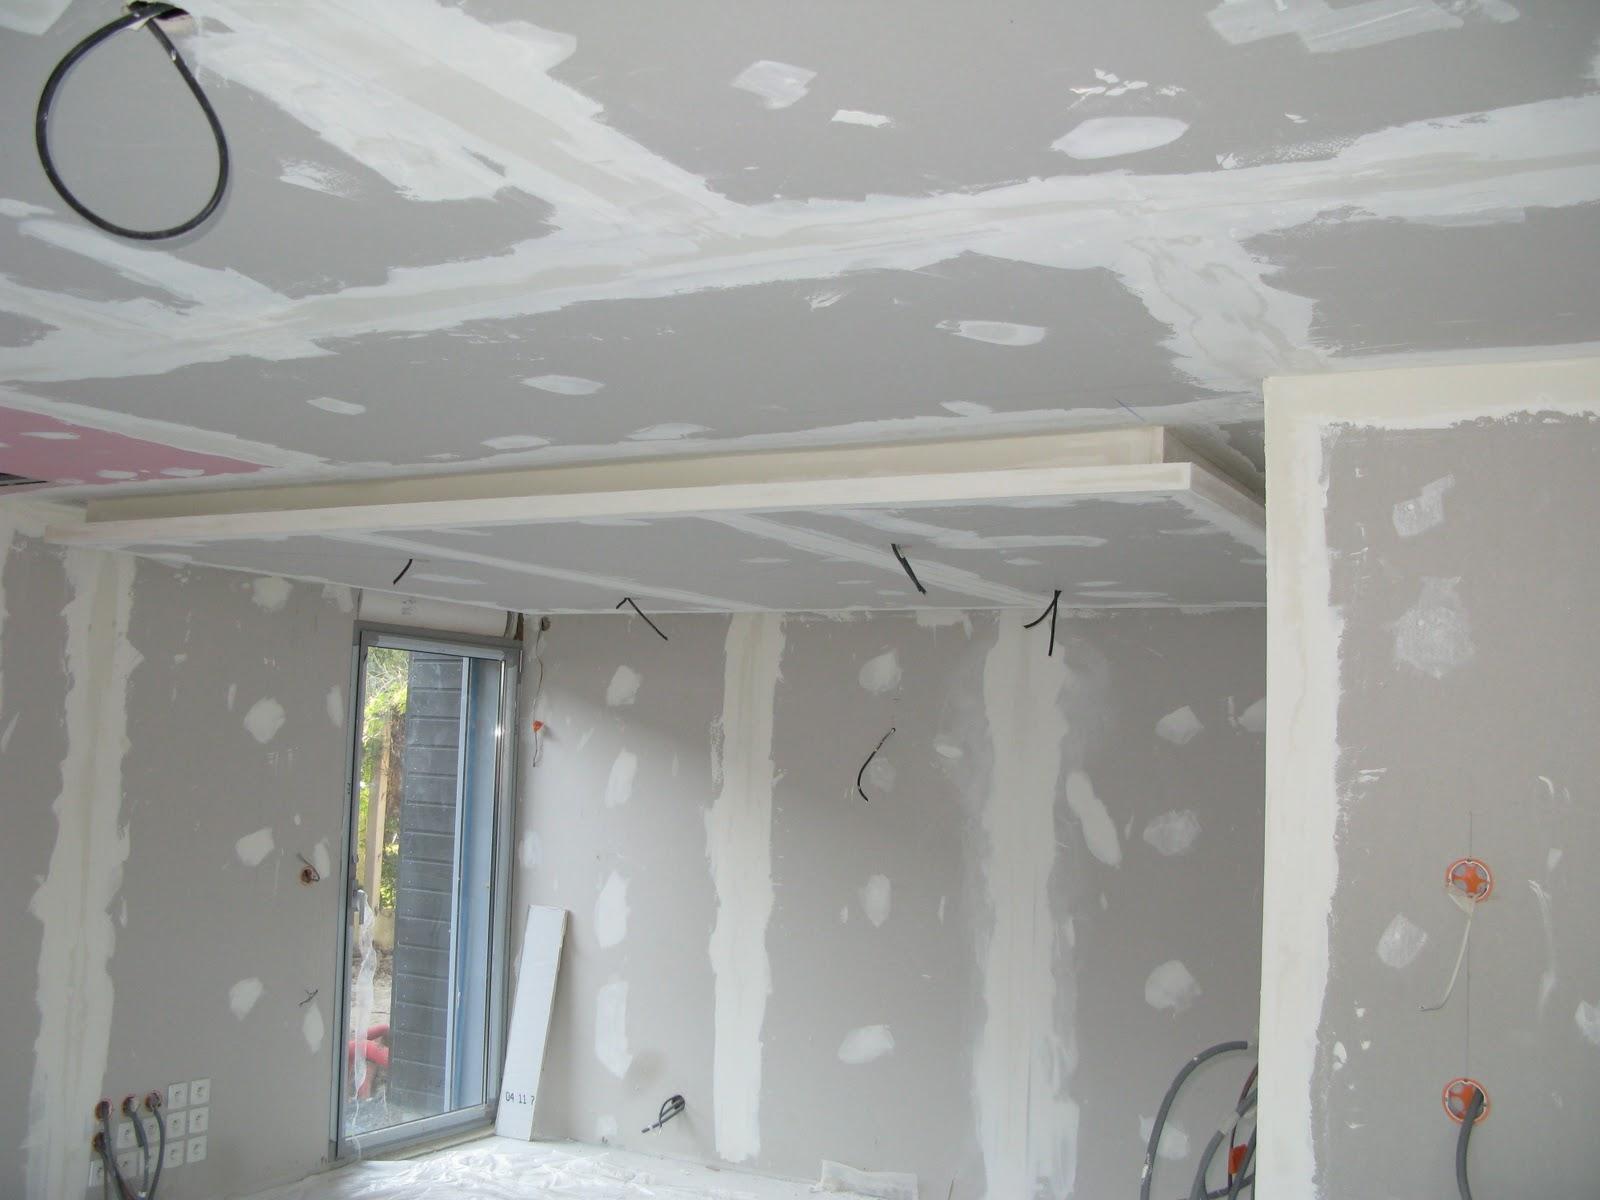 Maison design bois contemporary wooden house faux plafond for Maison faux plafond